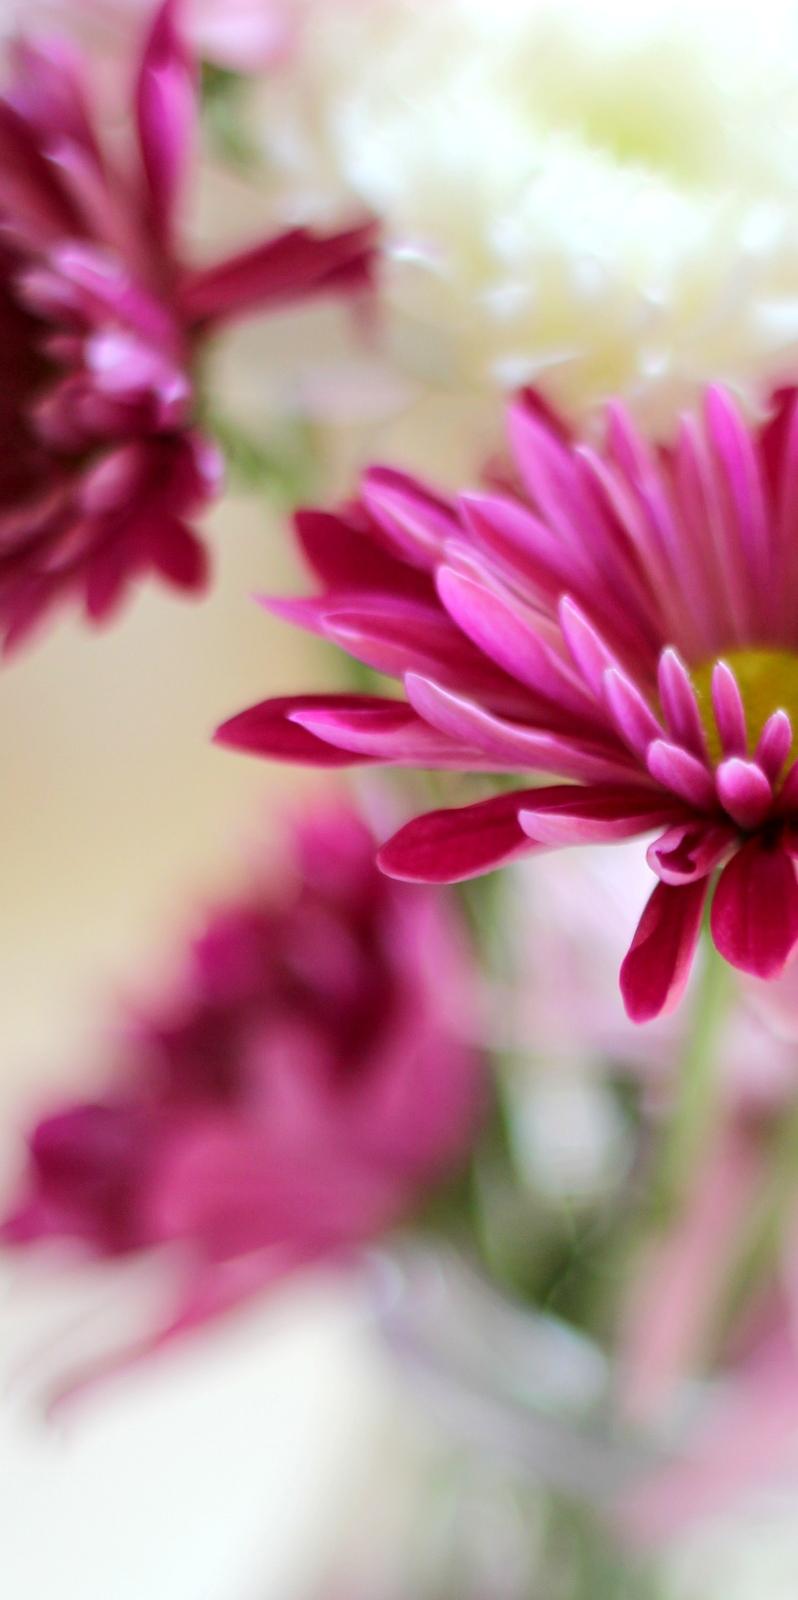 פרח דליה Dahlia בלוג עיצוב מיס גרות צילום לירון גונן (6)